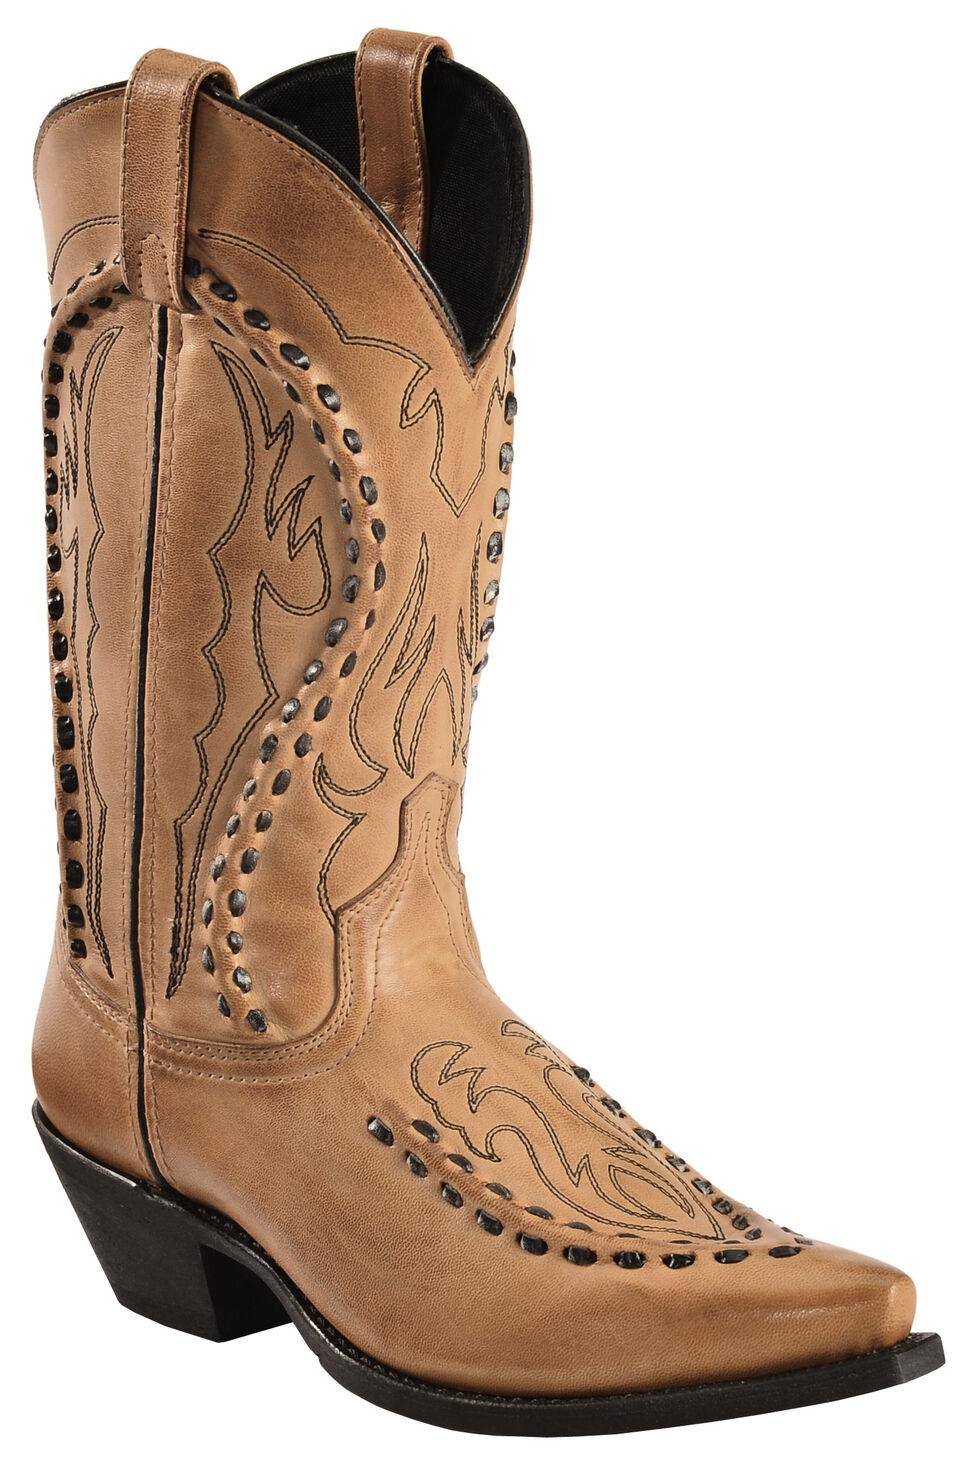 Laredo Men's Laramie Western Boots - Snip Toe, Antique Tan, hi-res